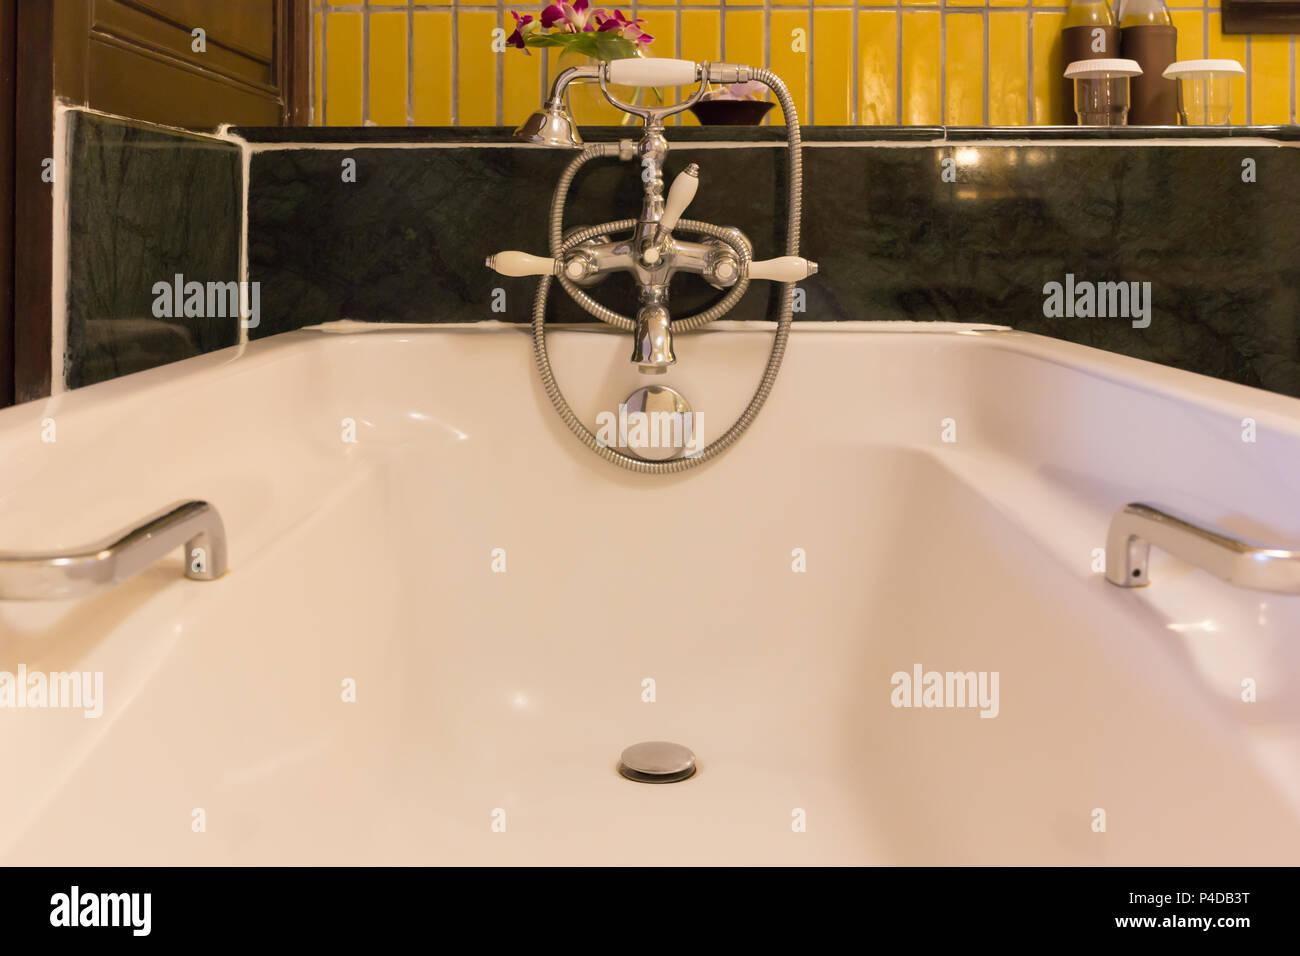 Badewanne auf Badezimmer Innenarchitektur, in Luxus Hotel. Stockfoto